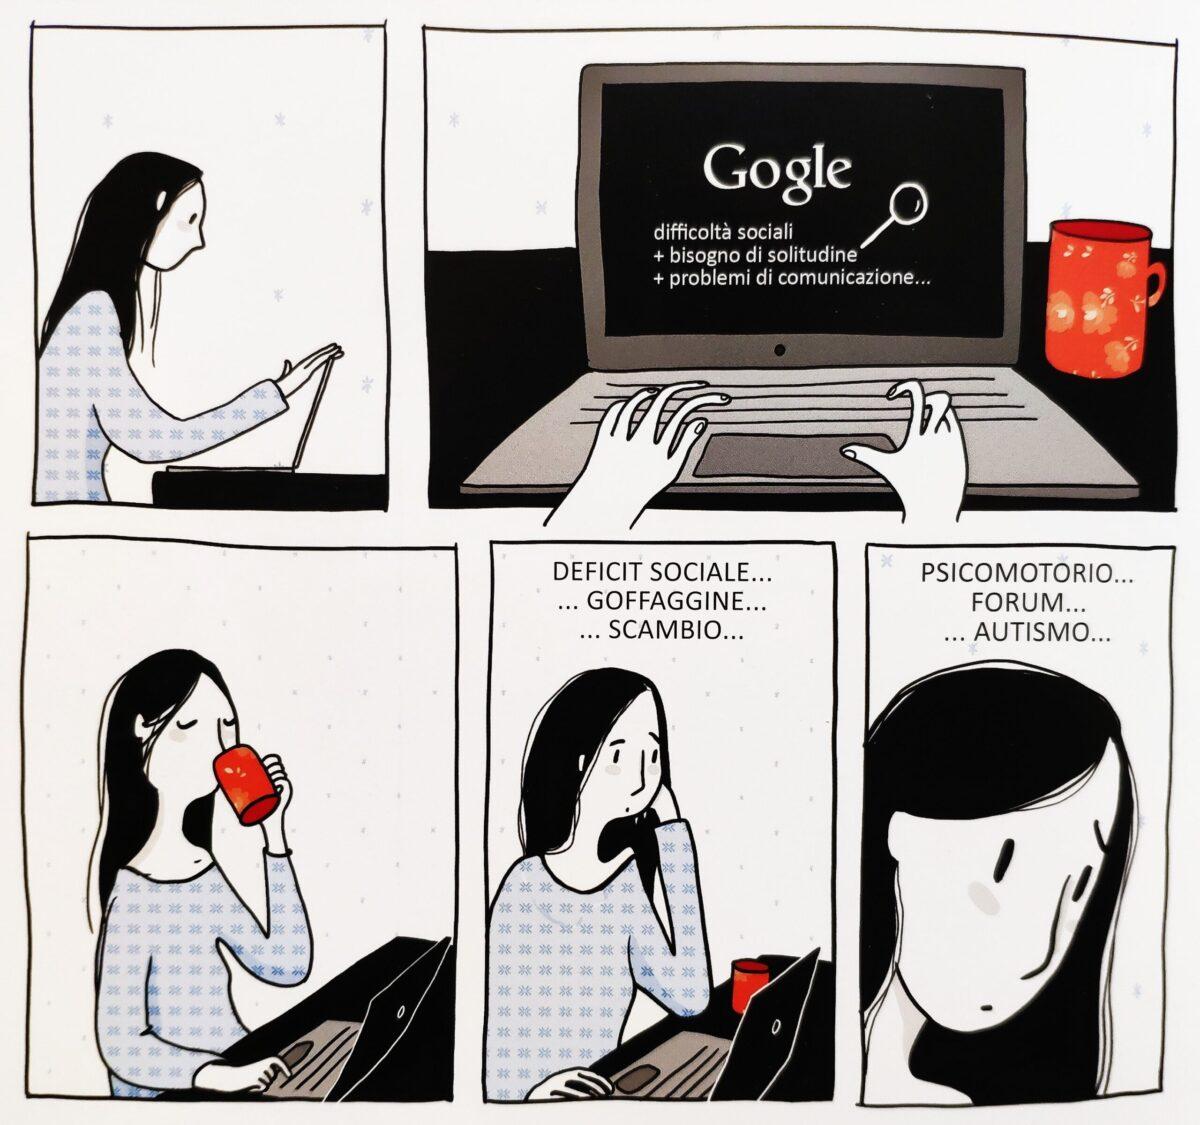 Mio caro fumetto... - Cercare risposte in internet